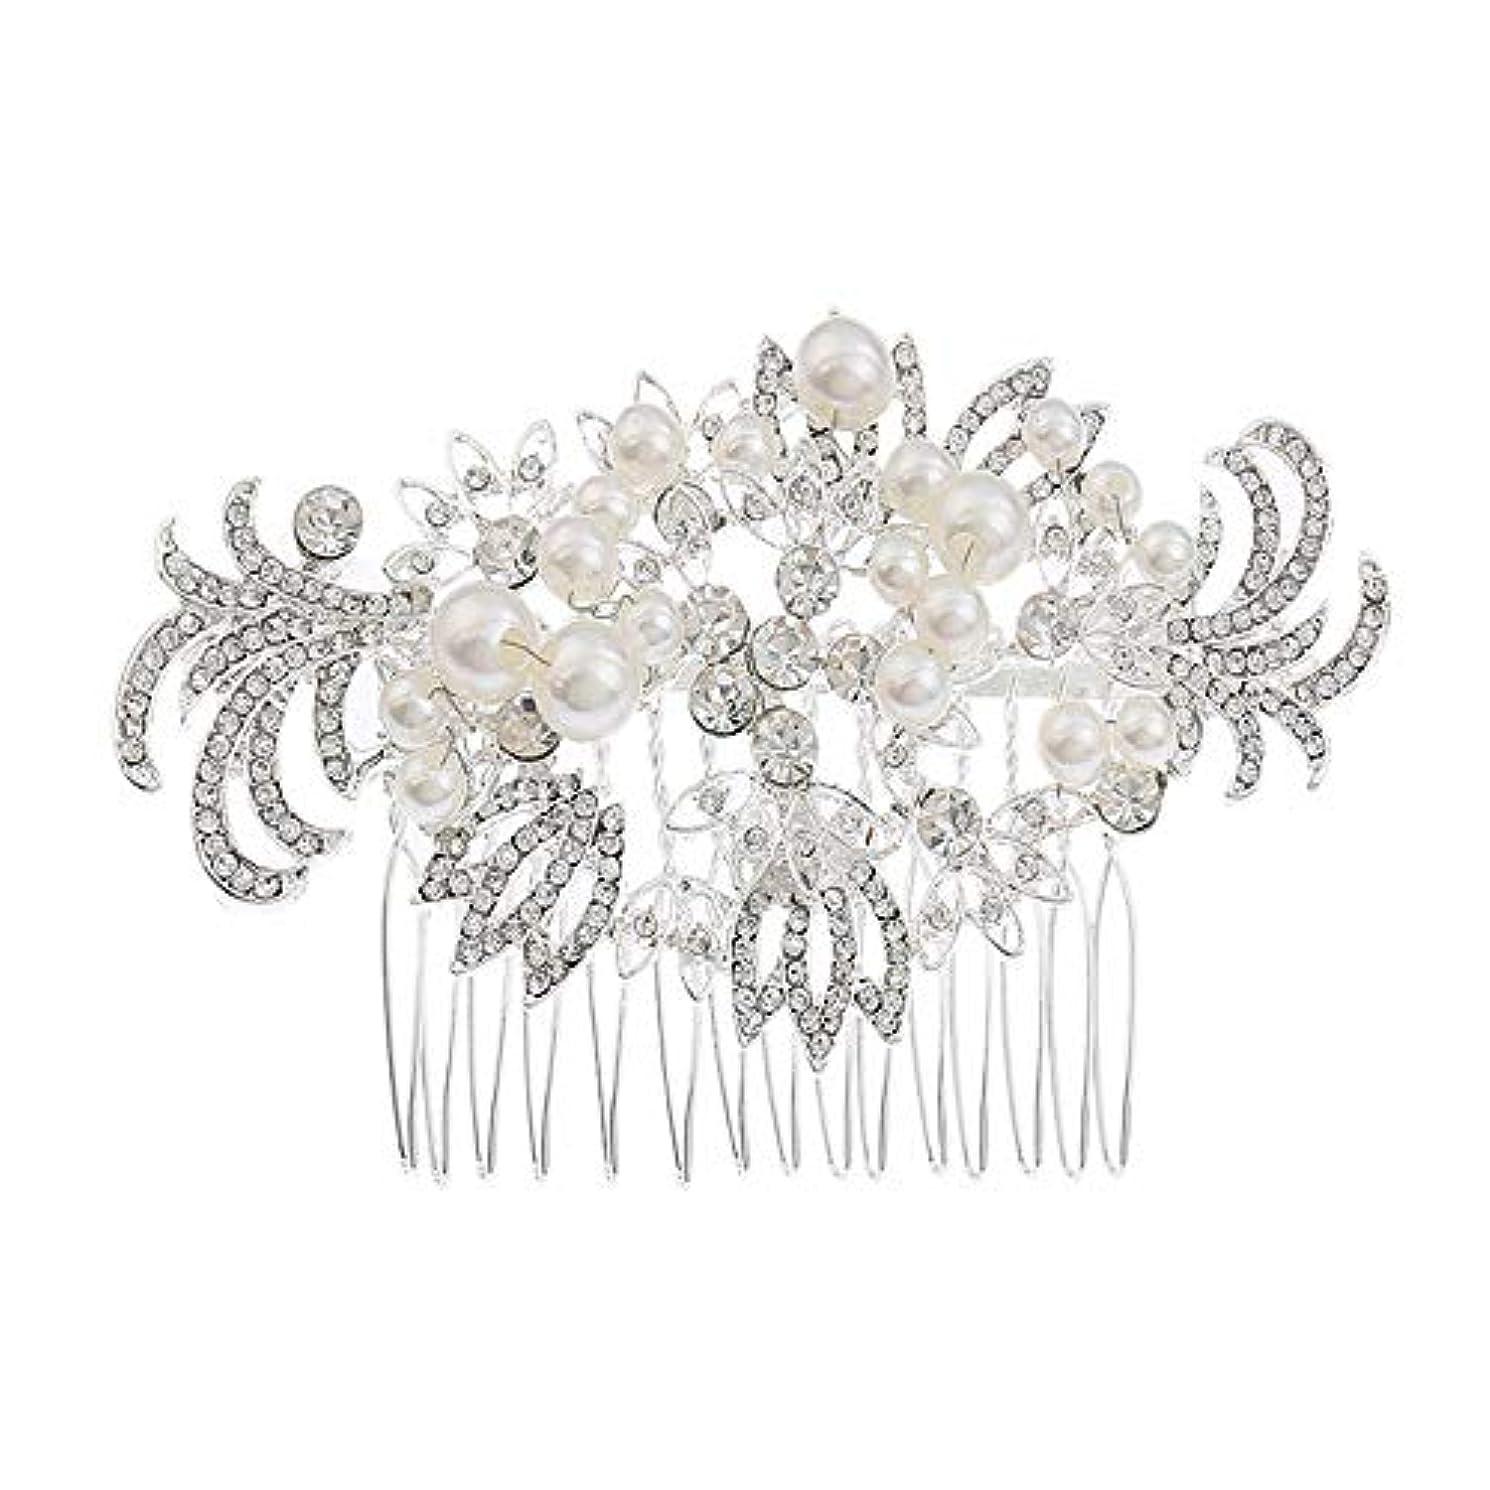 マトリックス呼吸する引き出し髪の櫛挿入櫛花嫁の髪櫛真珠の髪の櫛ラインストーンの髪の櫛結婚式のヘアアクセサリー合金の帽子ブライダルヘッドドレス